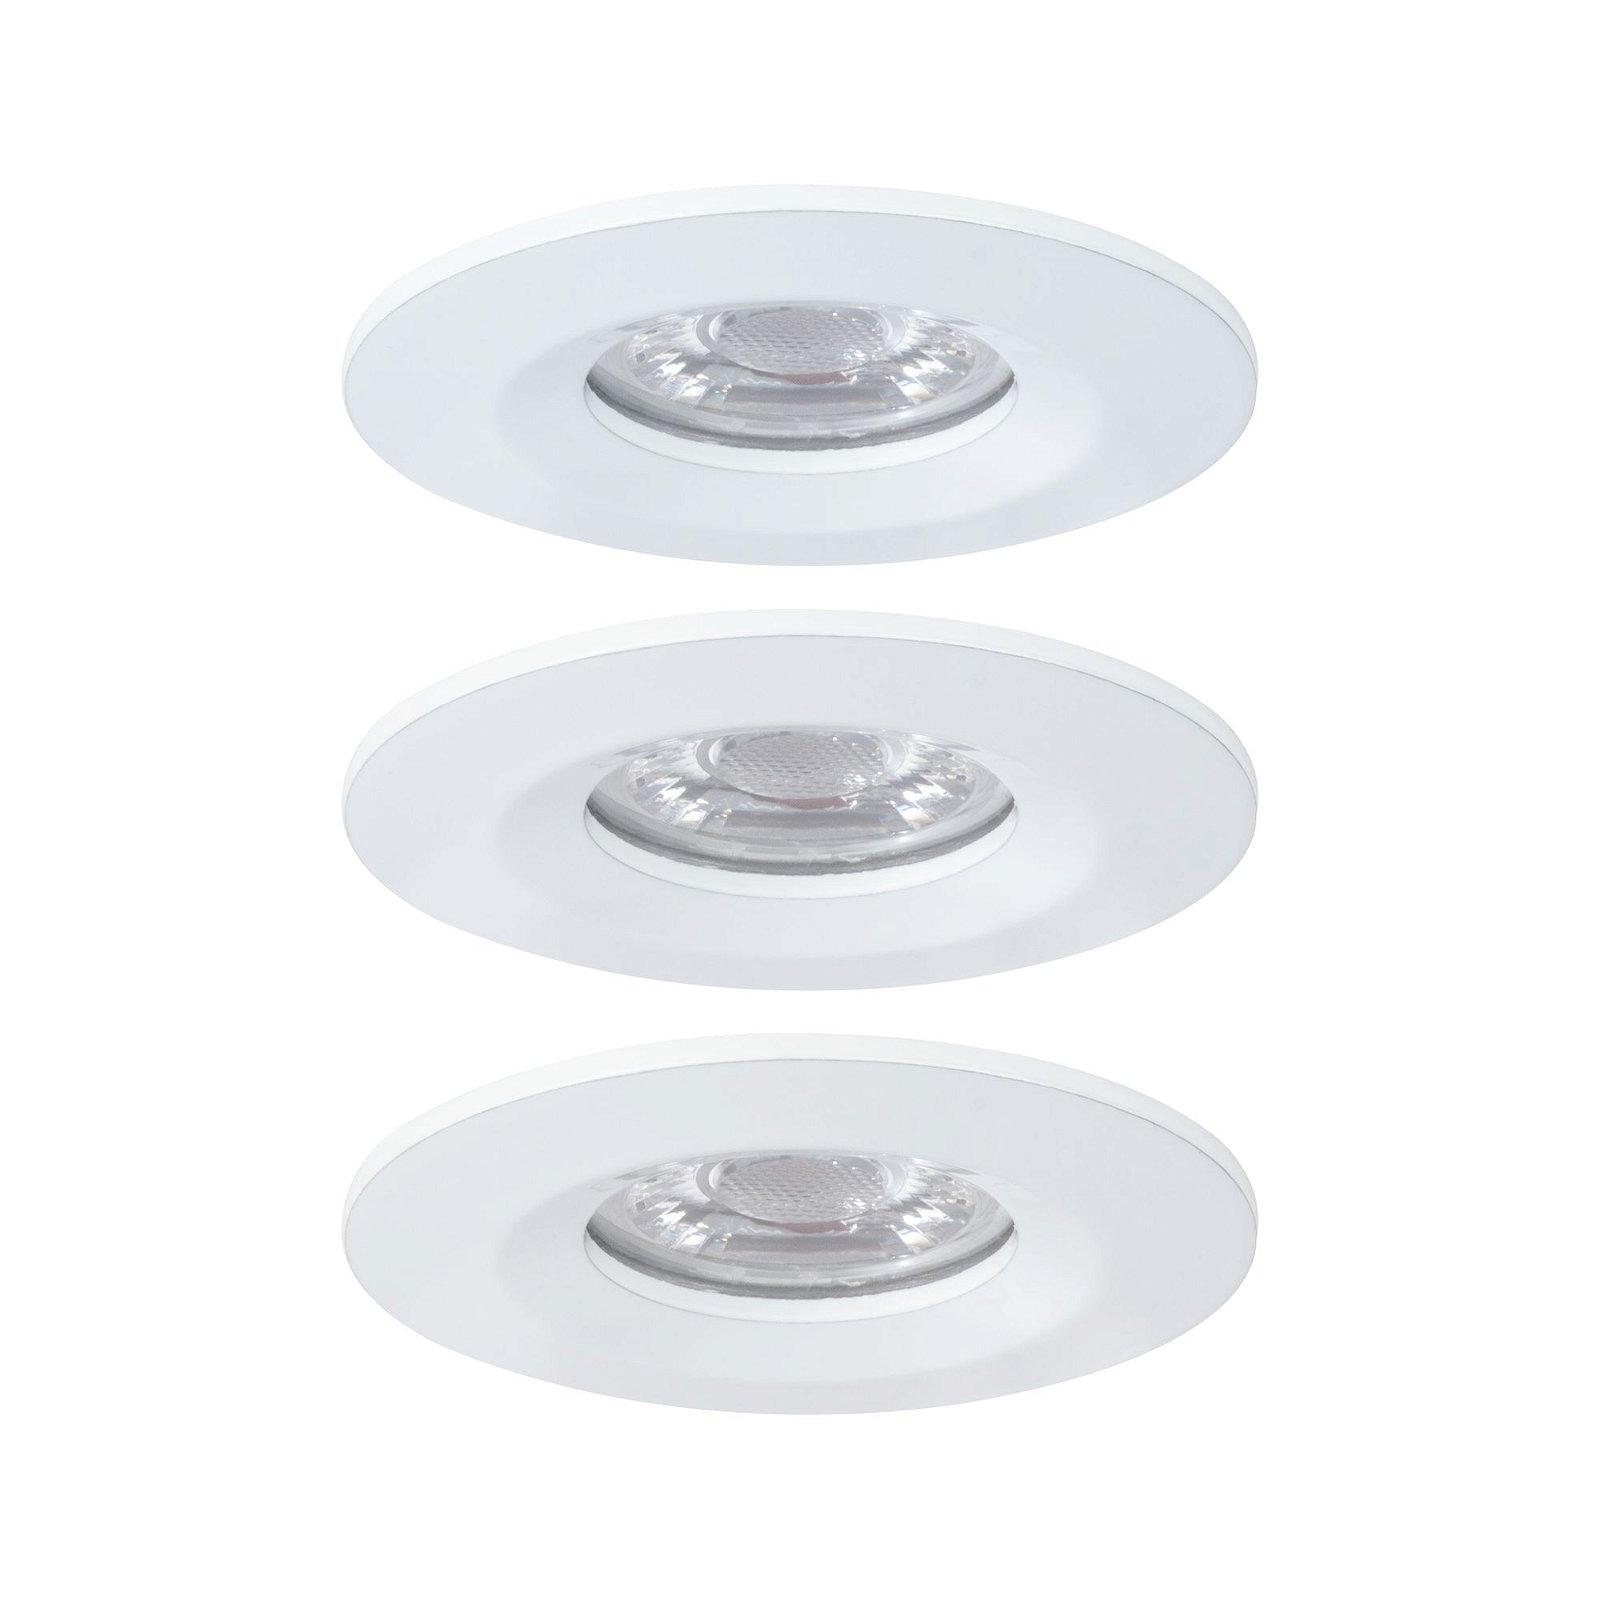 LED Einbauleuchte Nova Mini Basisset starr IP44 rund 65mm Coin 3x4W 3x310lm 230V 2700K Weiß matt